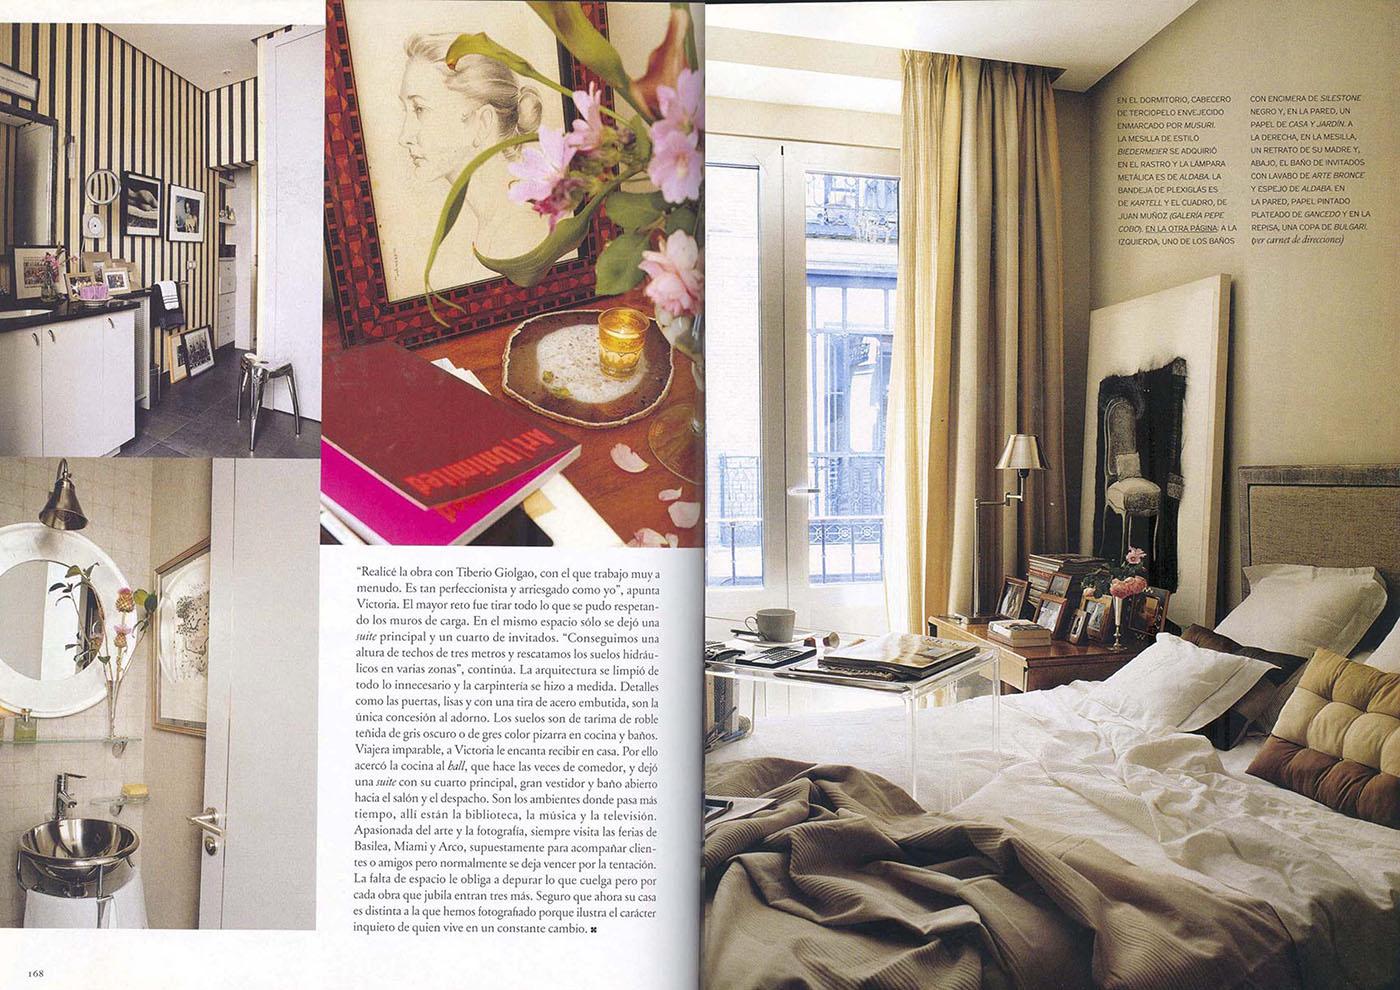 revista-ad-enero-2007-melian_randolph-5